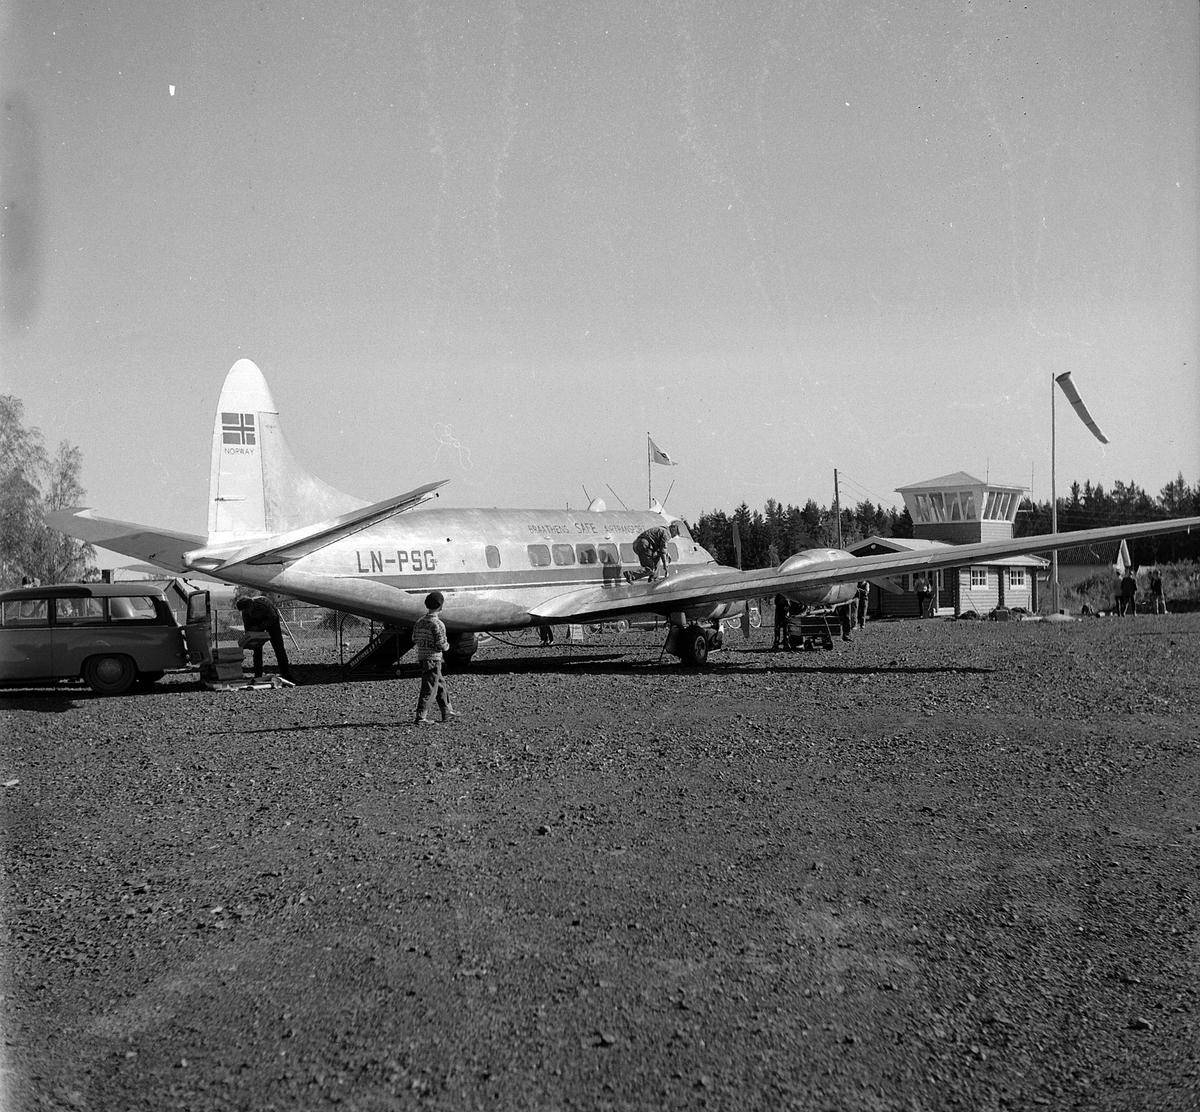 """Hamar flyplass, """"de Havilland  DH 114 Heron""""  verdens minste firemotors propellfly fra Braathens Safe Airtransport a/s, LN-PSG, """"Ola"""" Fylling av drivstoff, varelevering."""